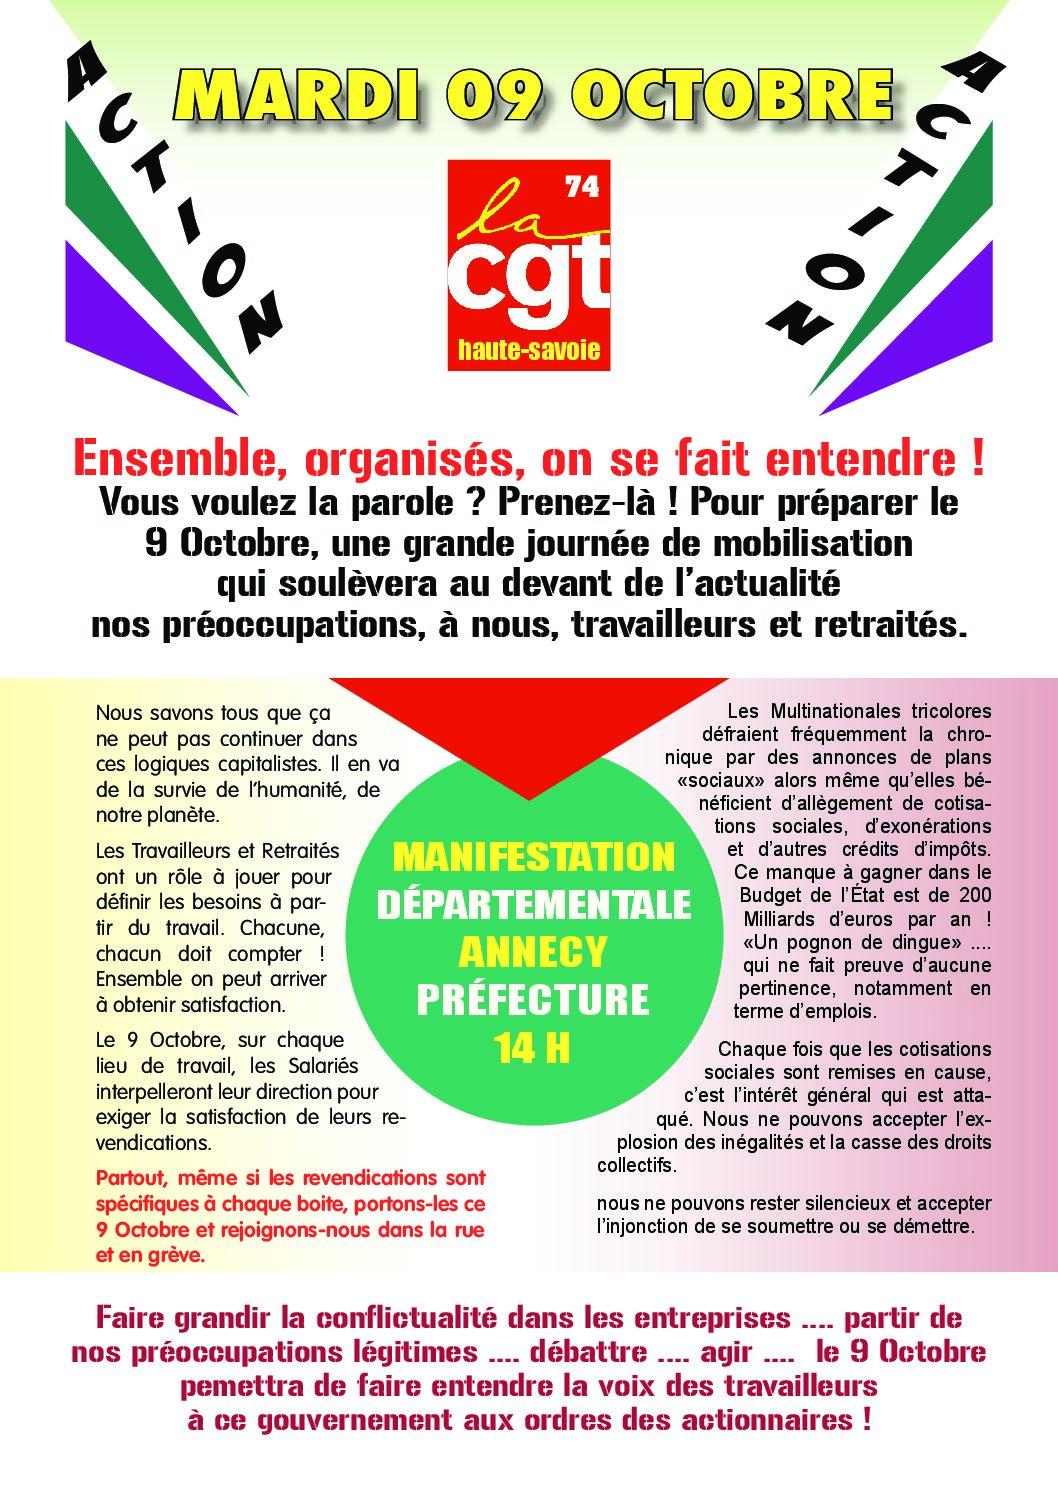 Ce mardi 9 octobre mobilisations contre la politique antisociale du gouvernement